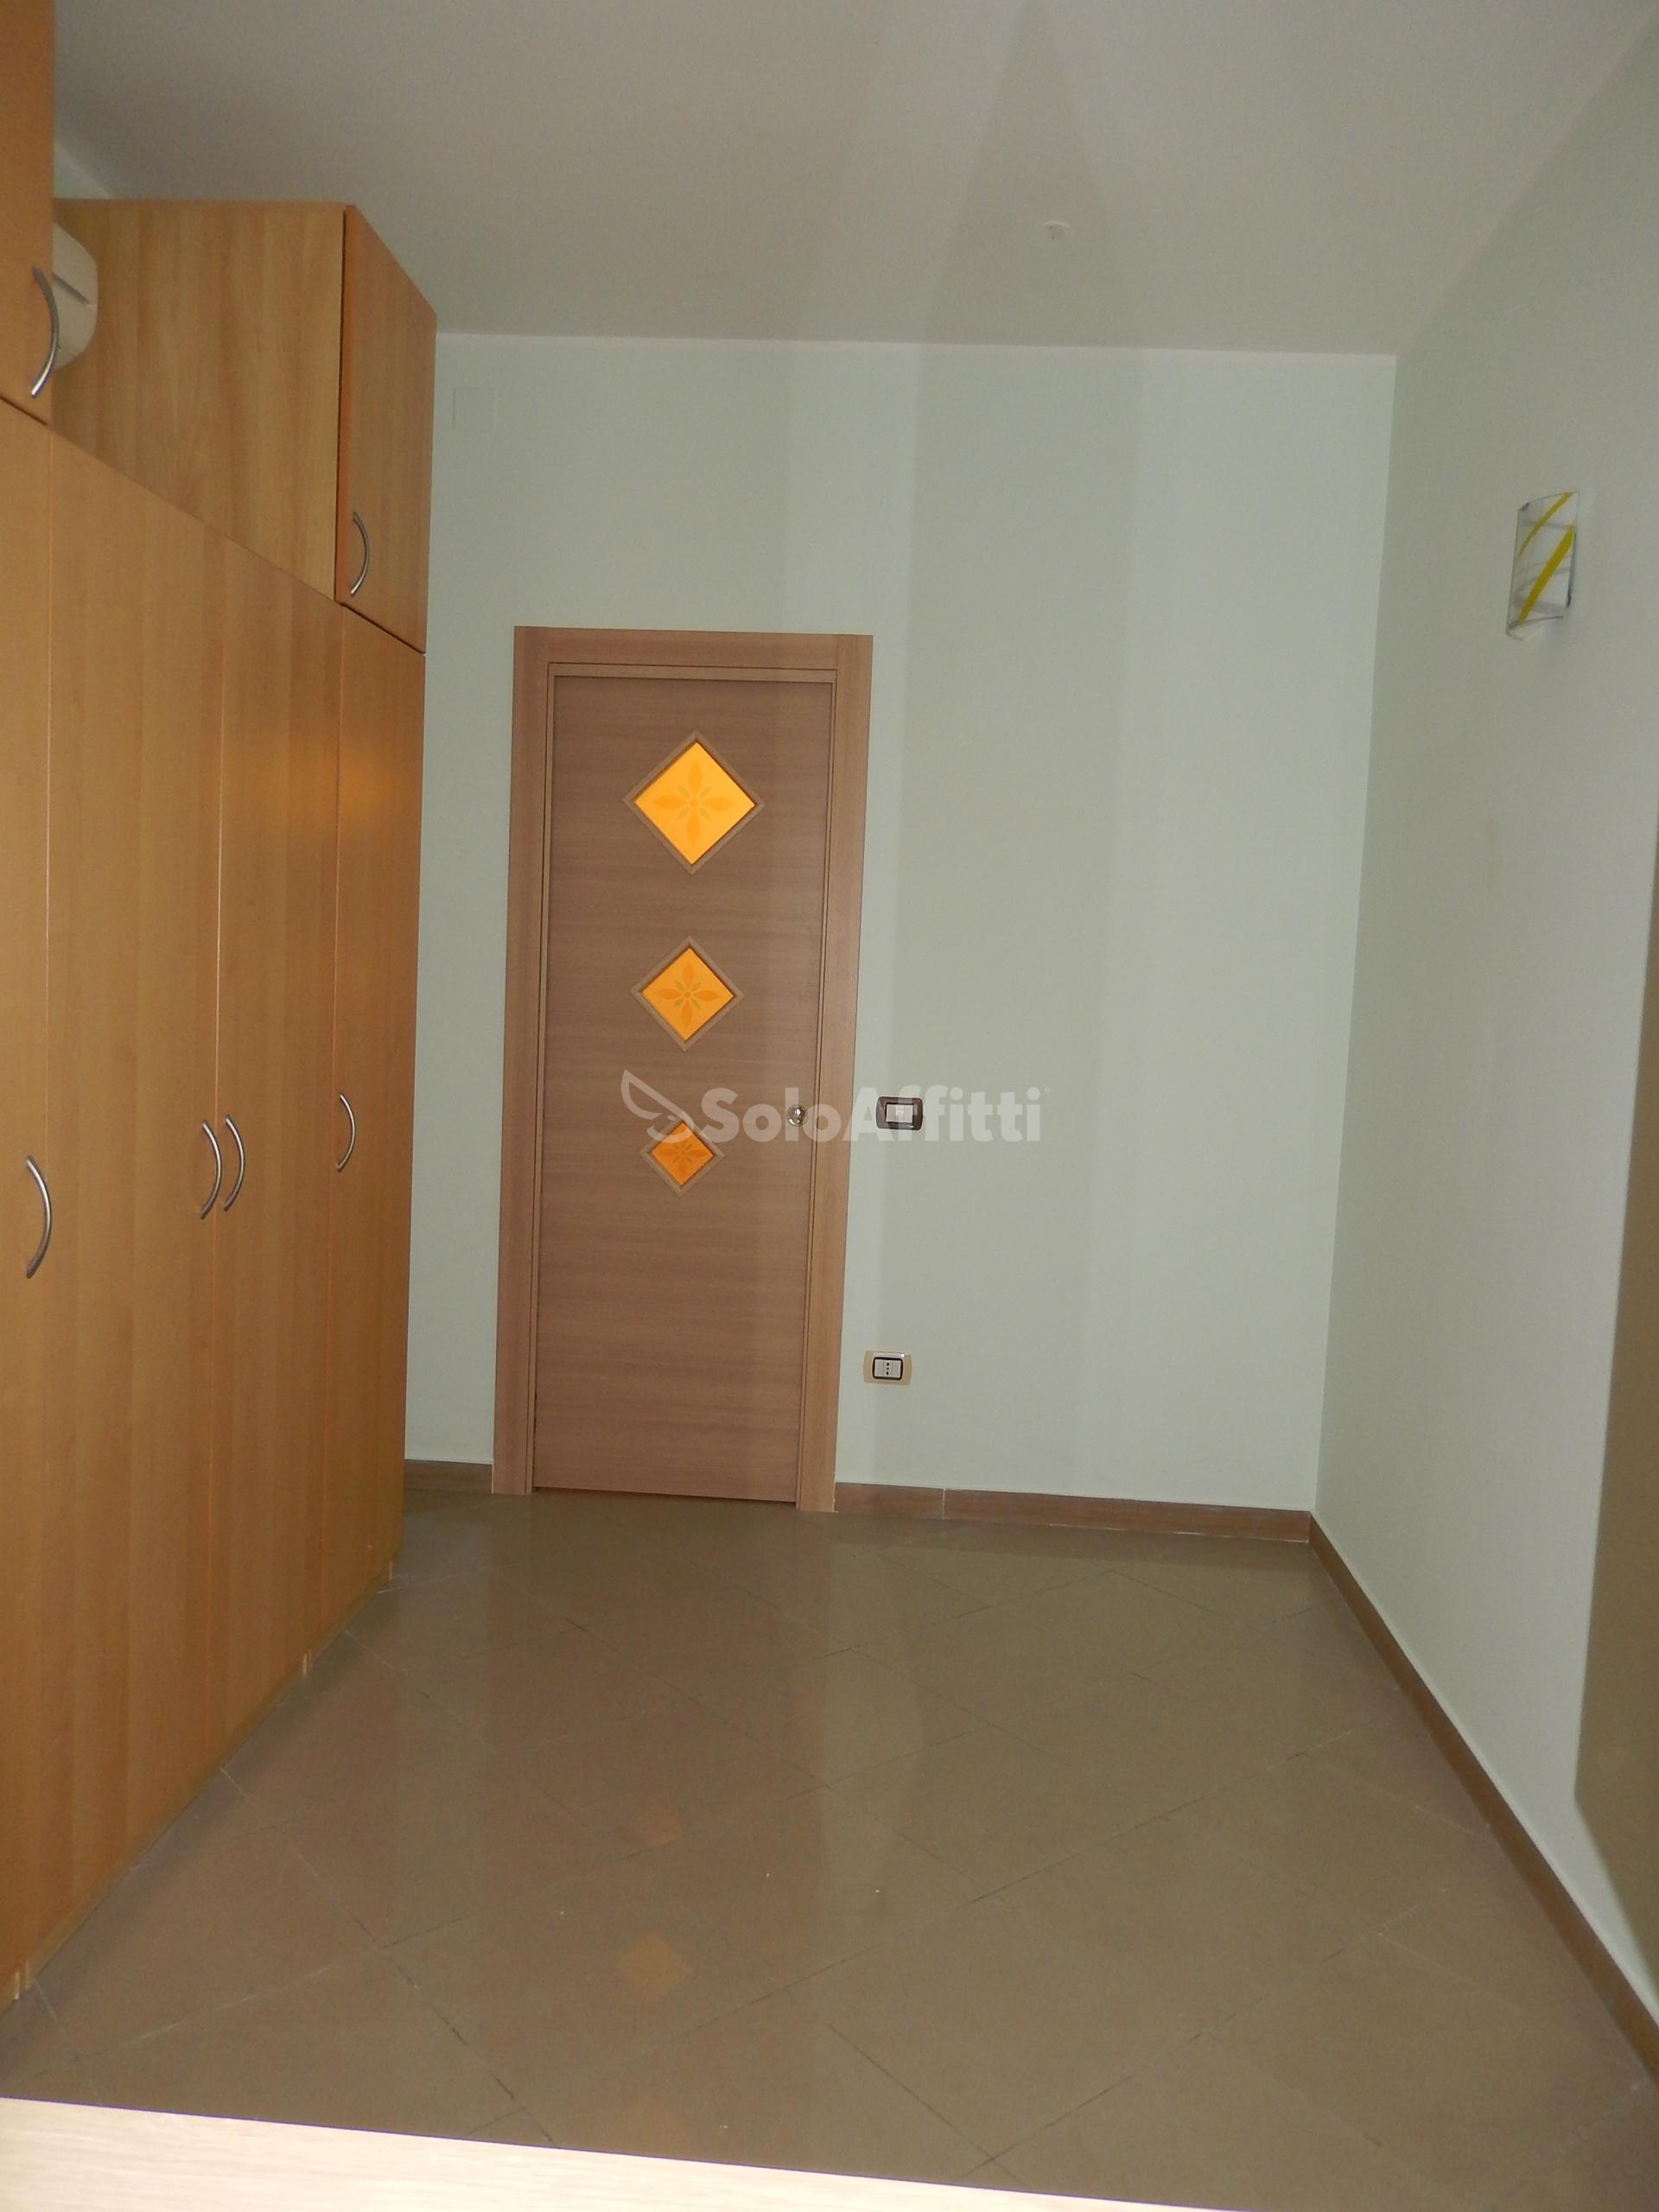 Affitto appartamento trilocale arredato for Affitto pontecagnano arredato